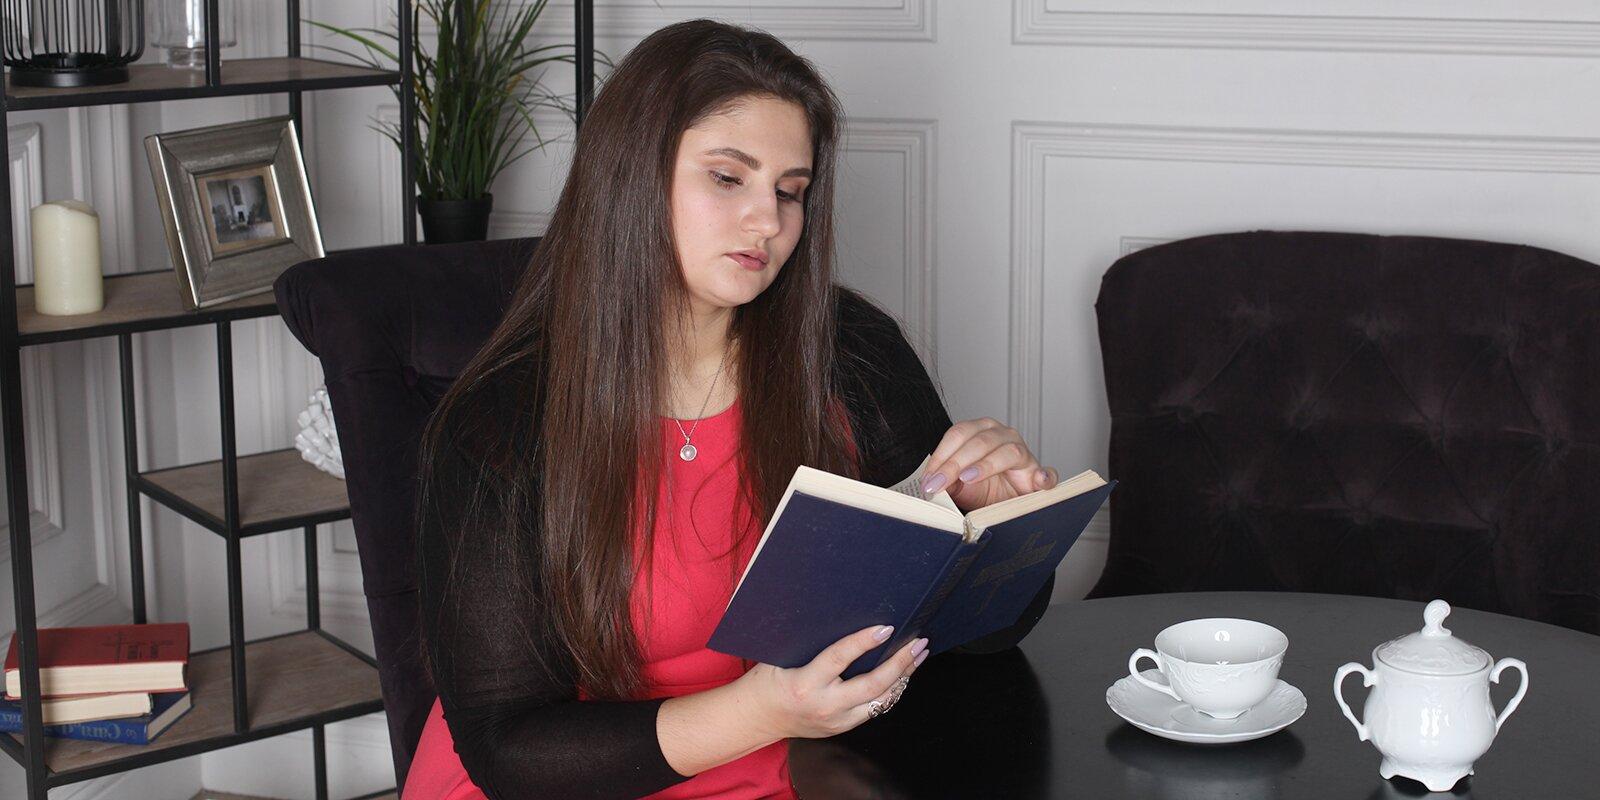 Мария Диденко, студентка четвертого курса РЭУ имени Г.В. Плеханова